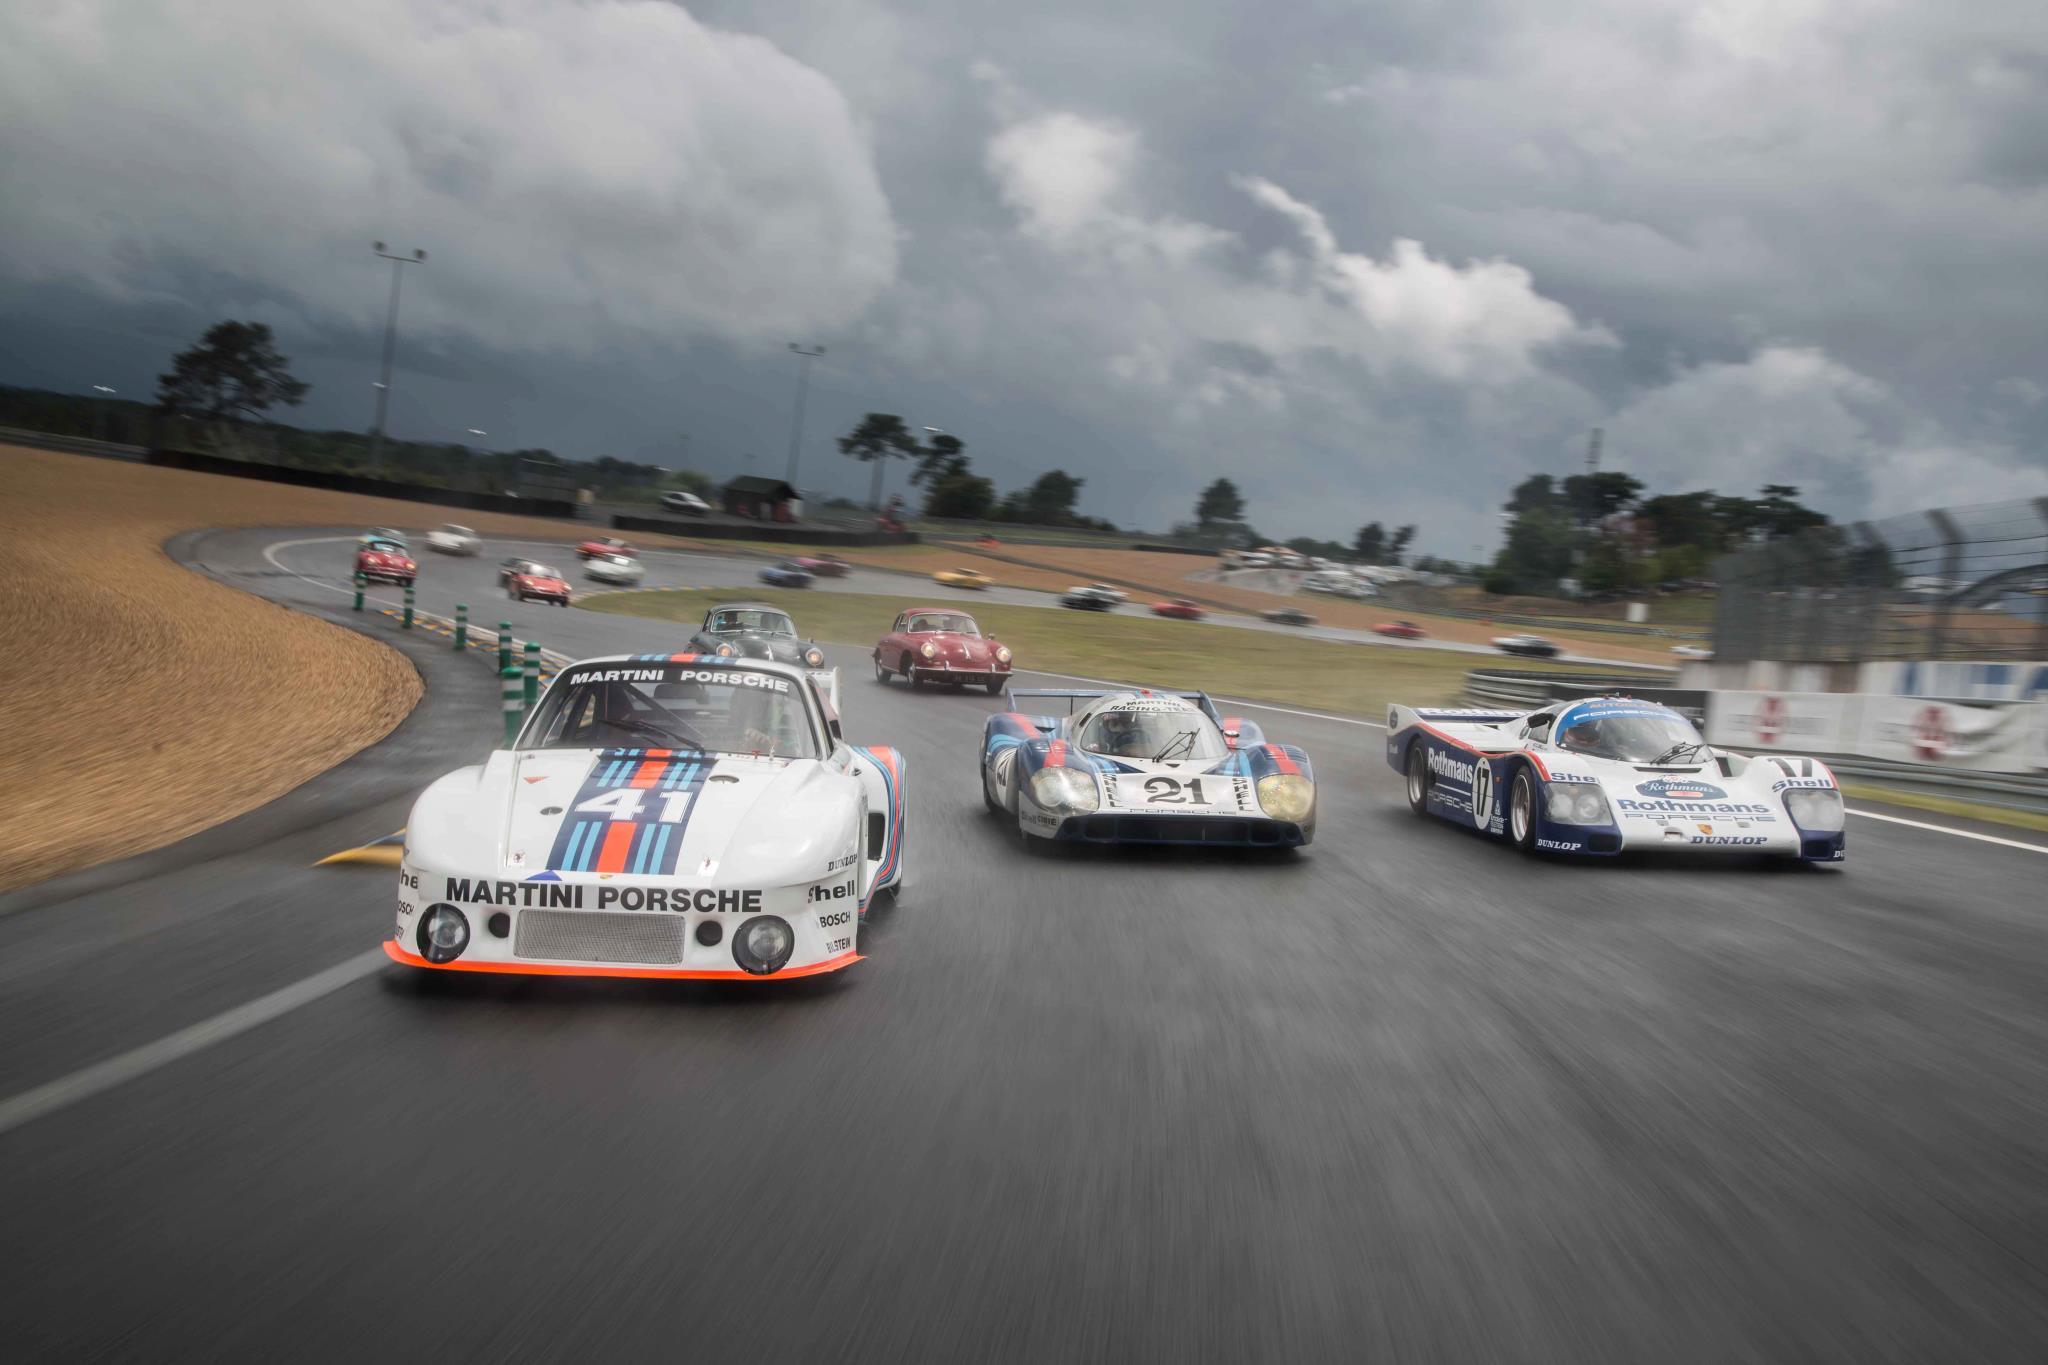 Le Mans Classic starring Porsche